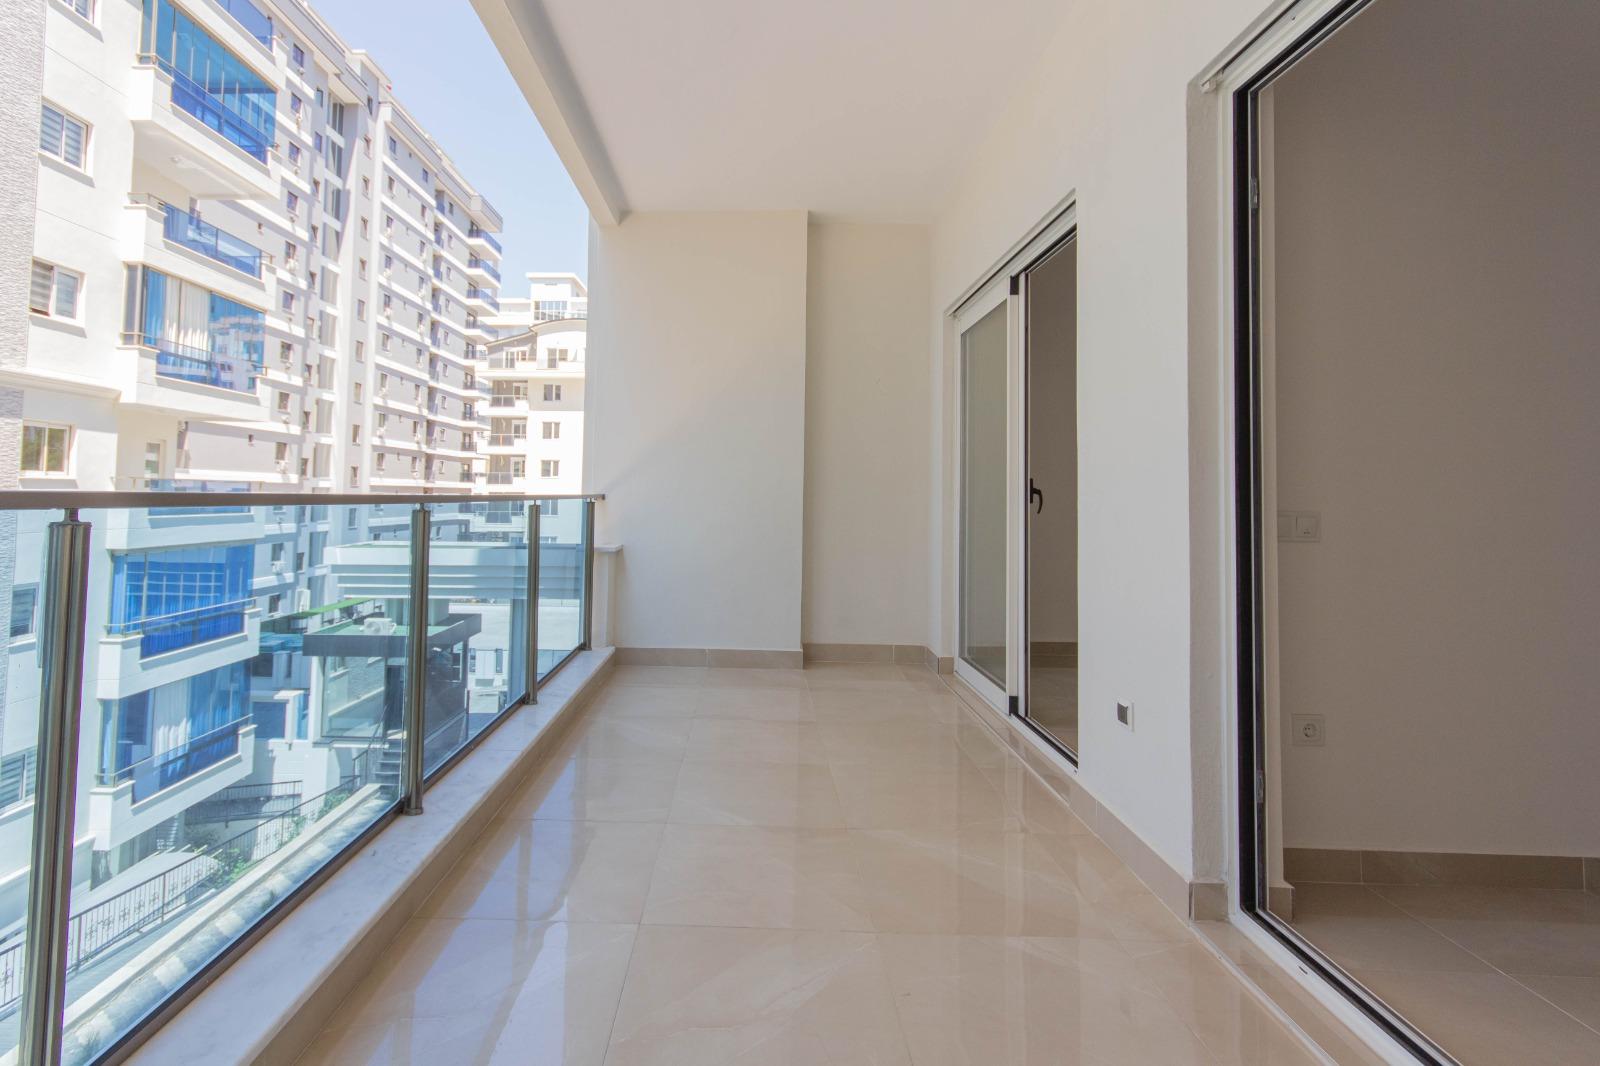 Двухкомнатная квартира в районе Махмутлар - Фото 24